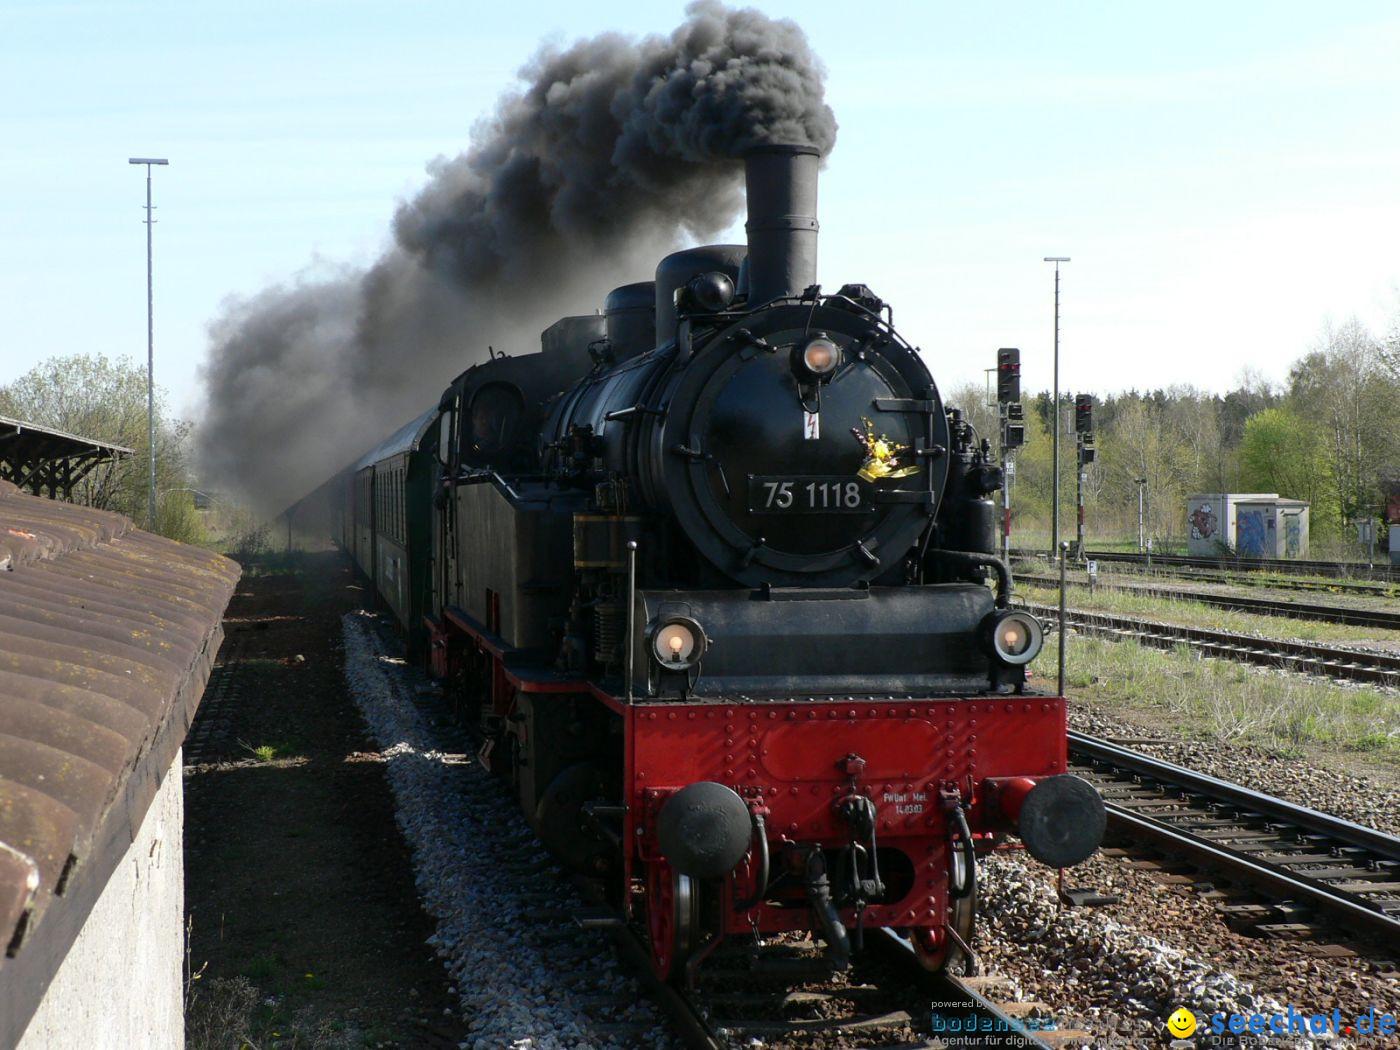 Dampflok-Sonderzug auf dem Weg nach Friedrichshafen